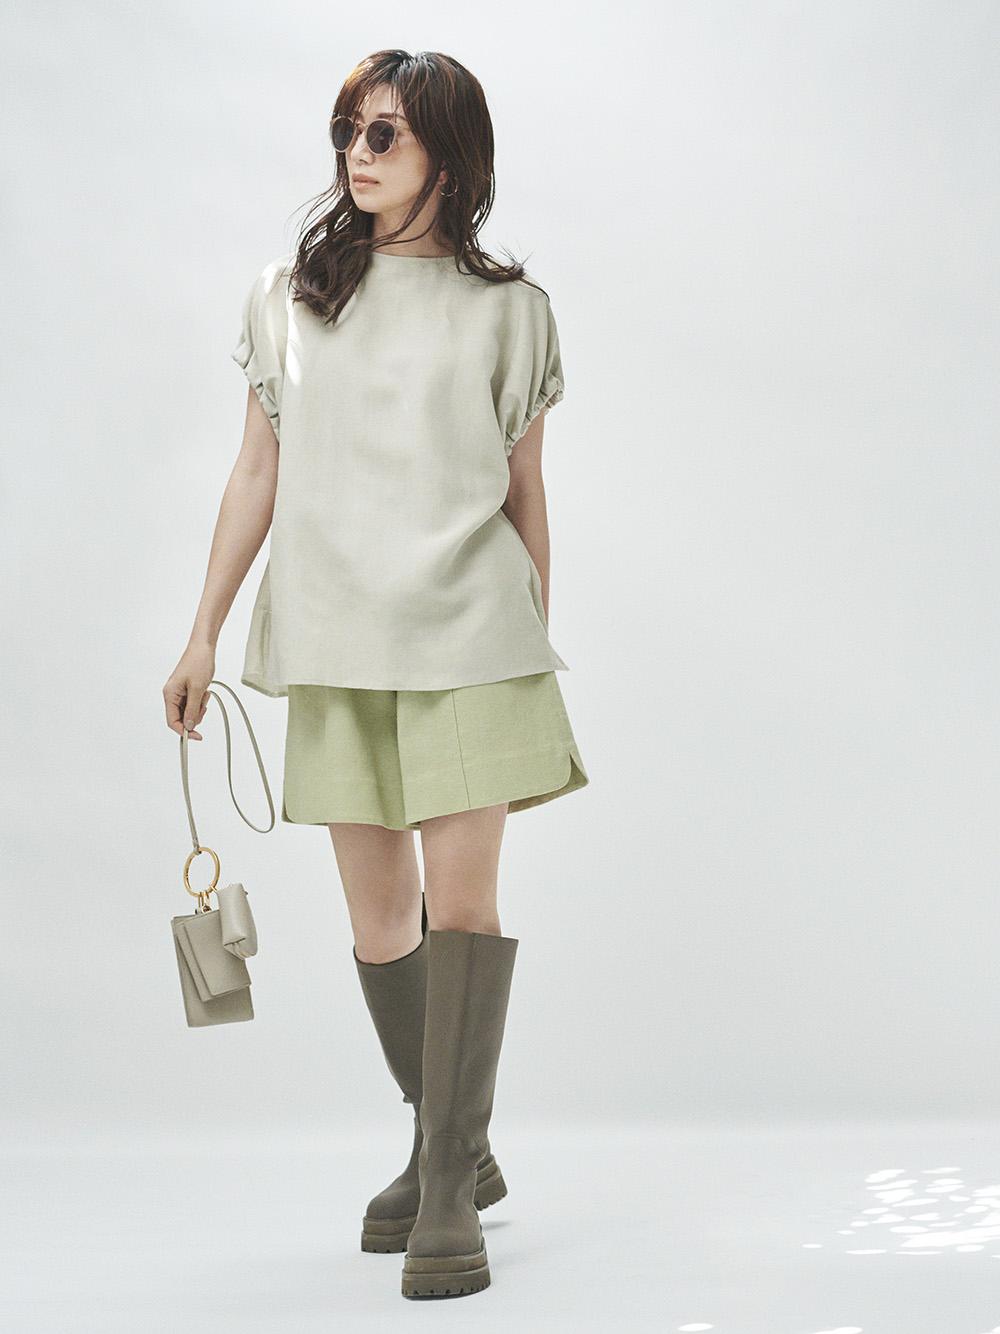 【オフィシャル限定】リネン混SETUPギャザースリーブTOP(BEG-0)